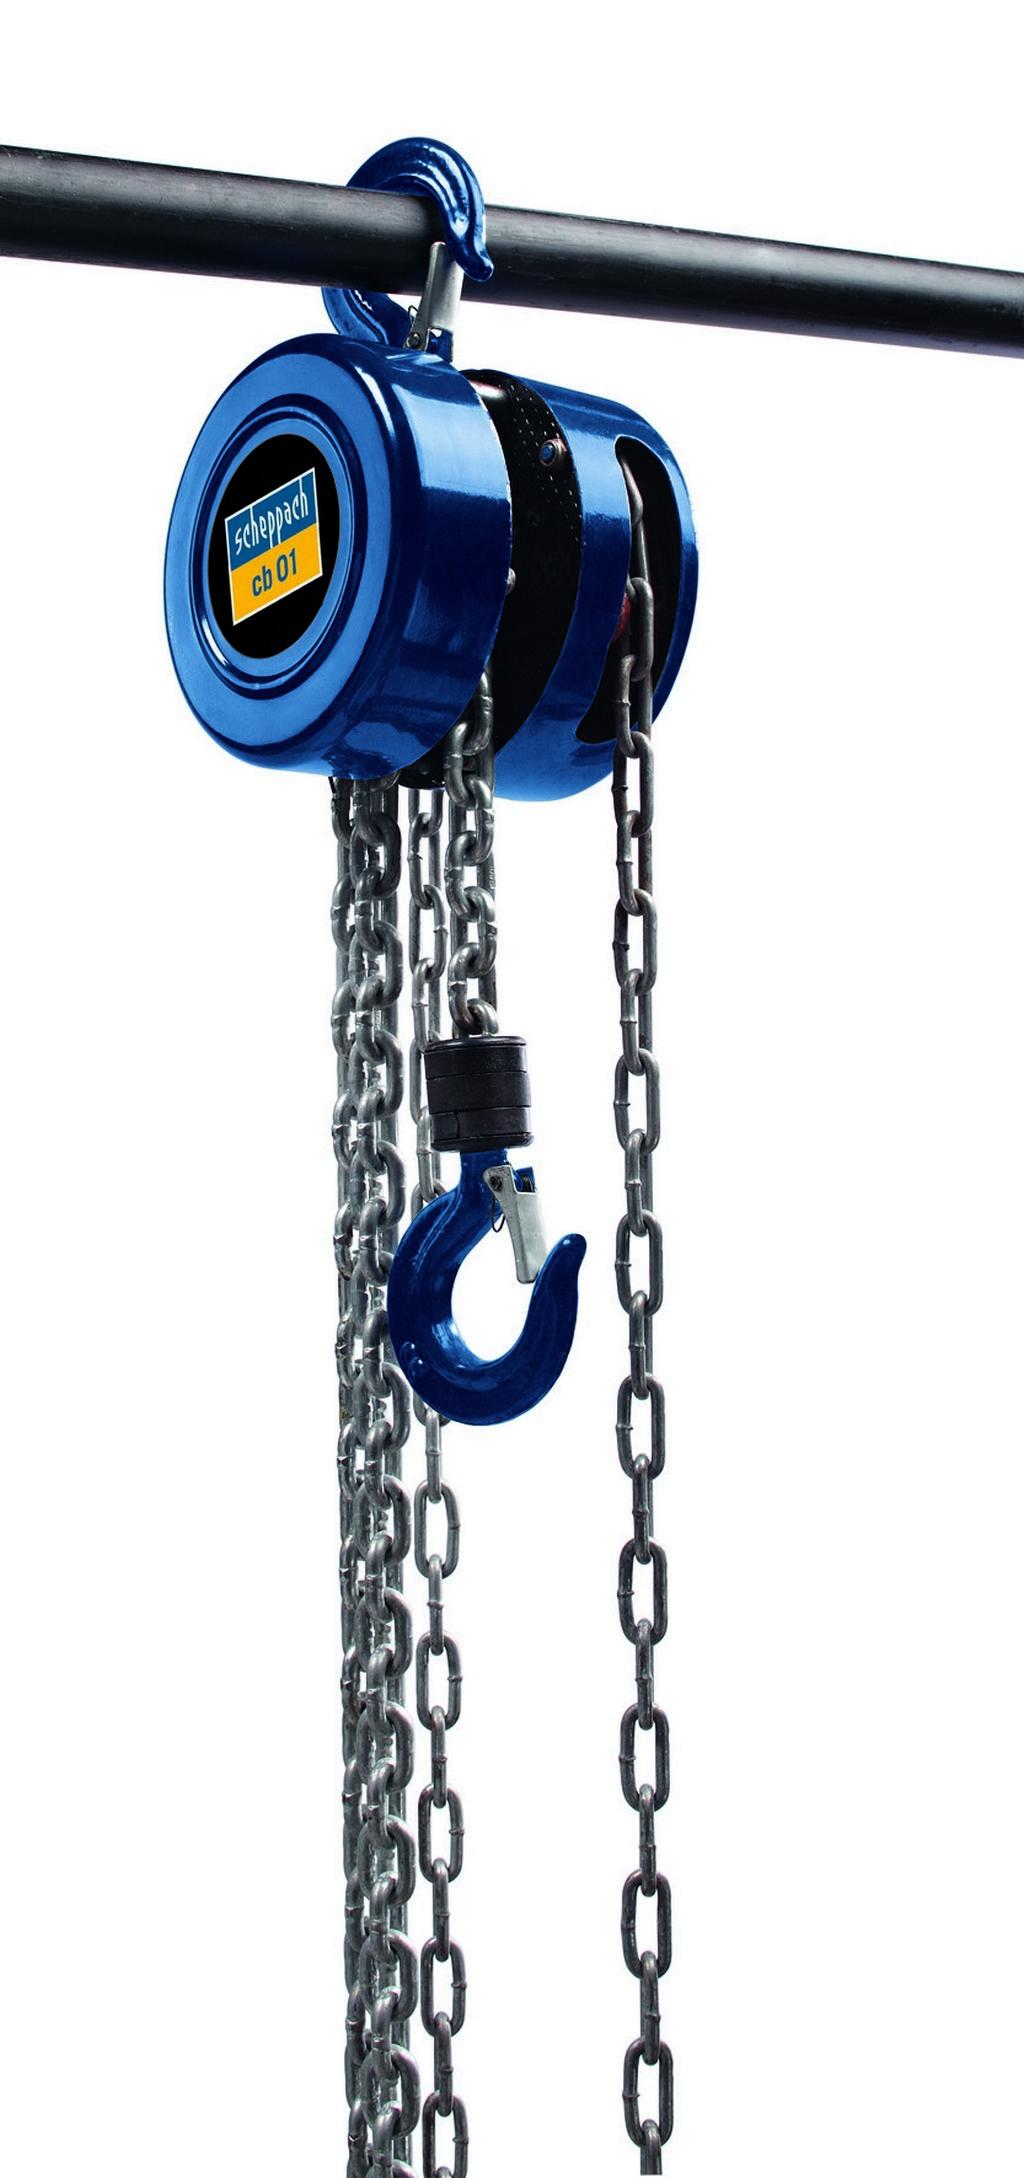 řetězový kladkostroj ruční Woodster CB 01